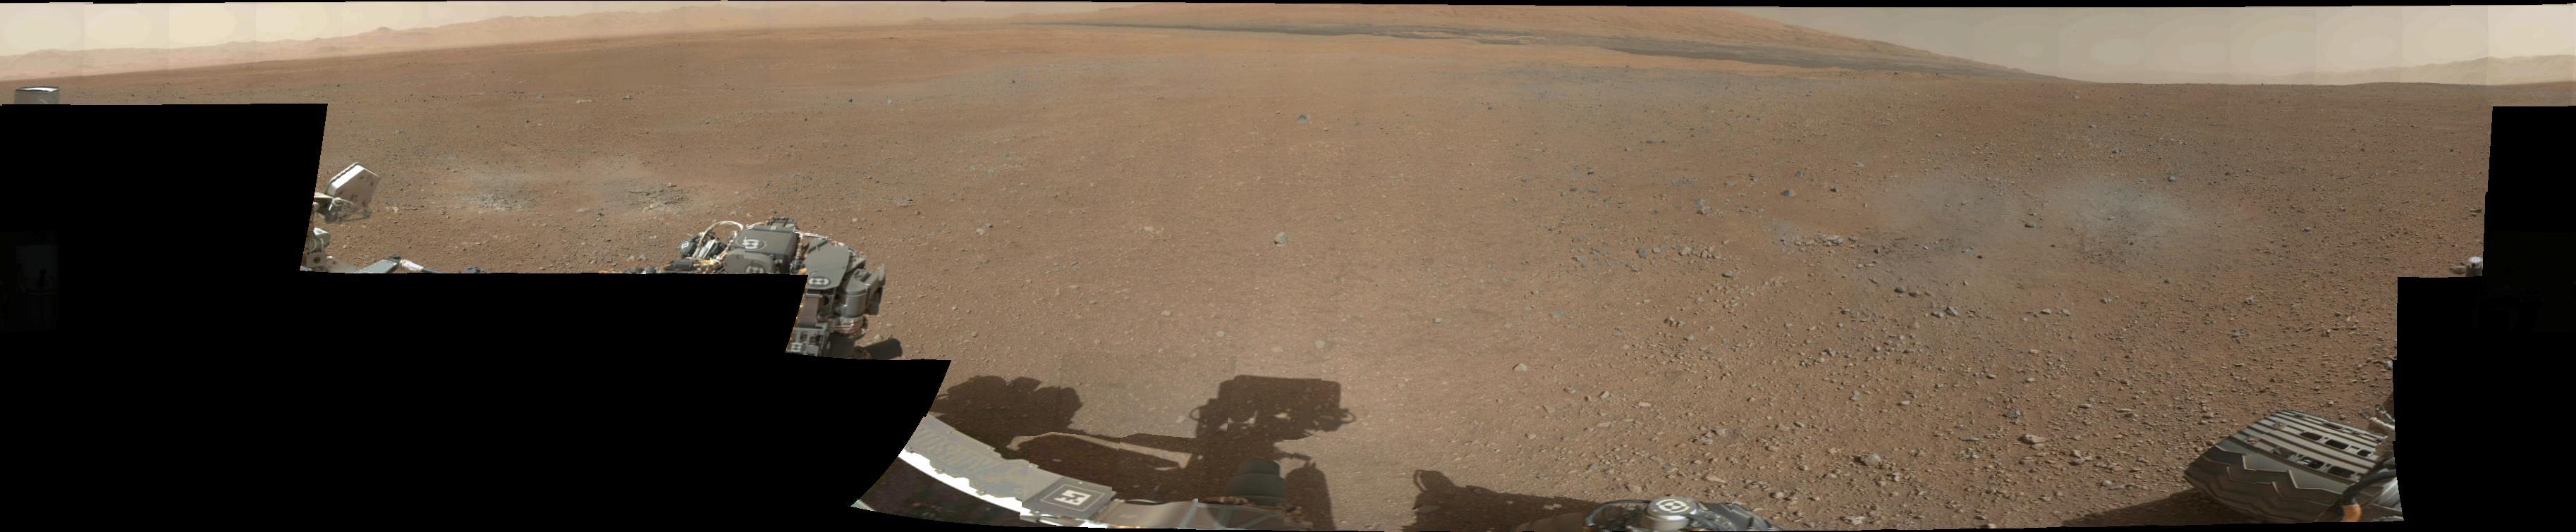 最新の火星探査車キュリオシティが捉えた火星の様子_d0063814_11102288.jpg